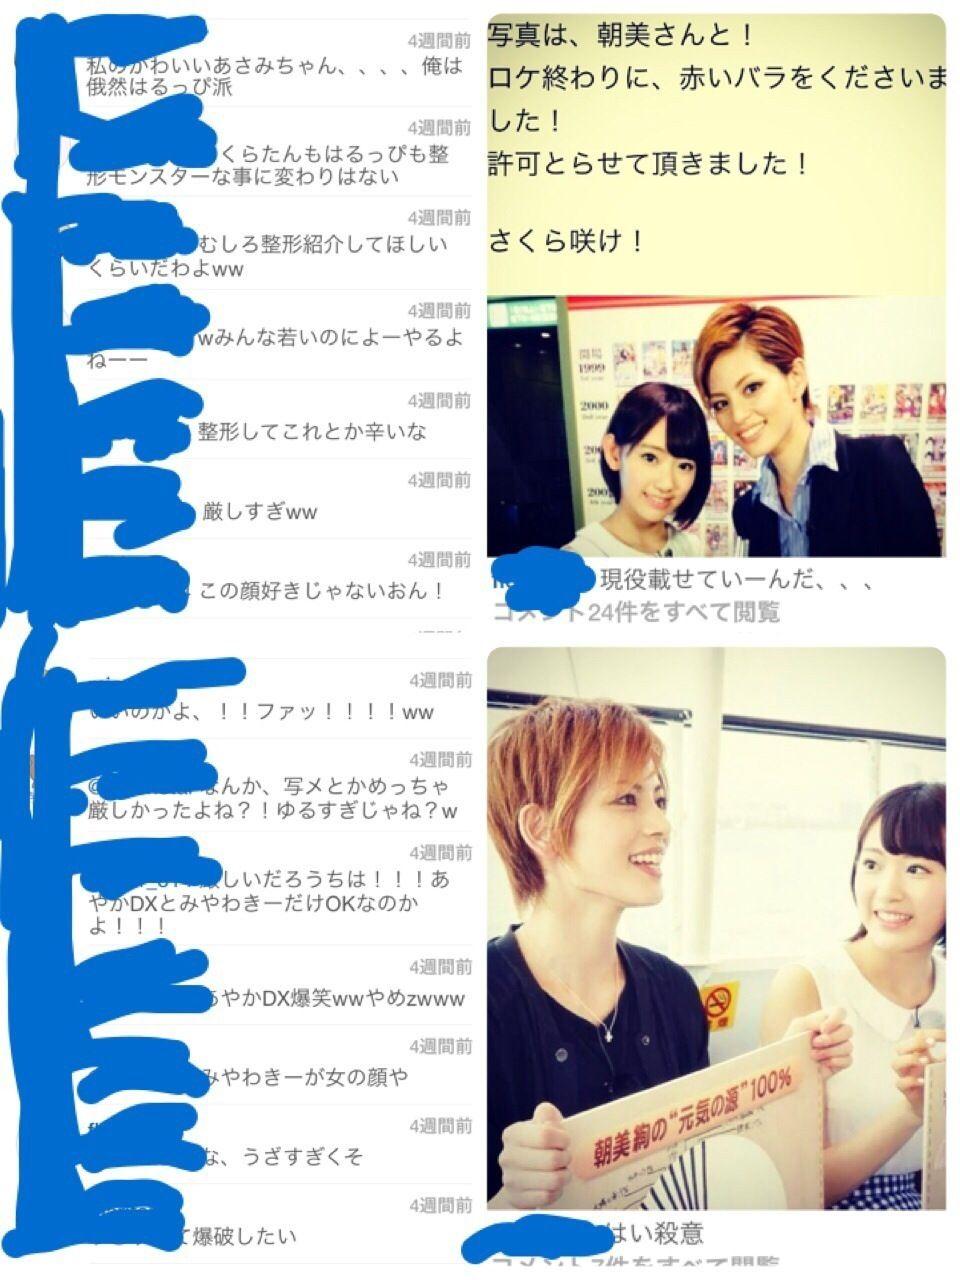 http://livedoor.blogimg.jp/hellopro2ch/imgs/1/e/1edfd24b.jpg